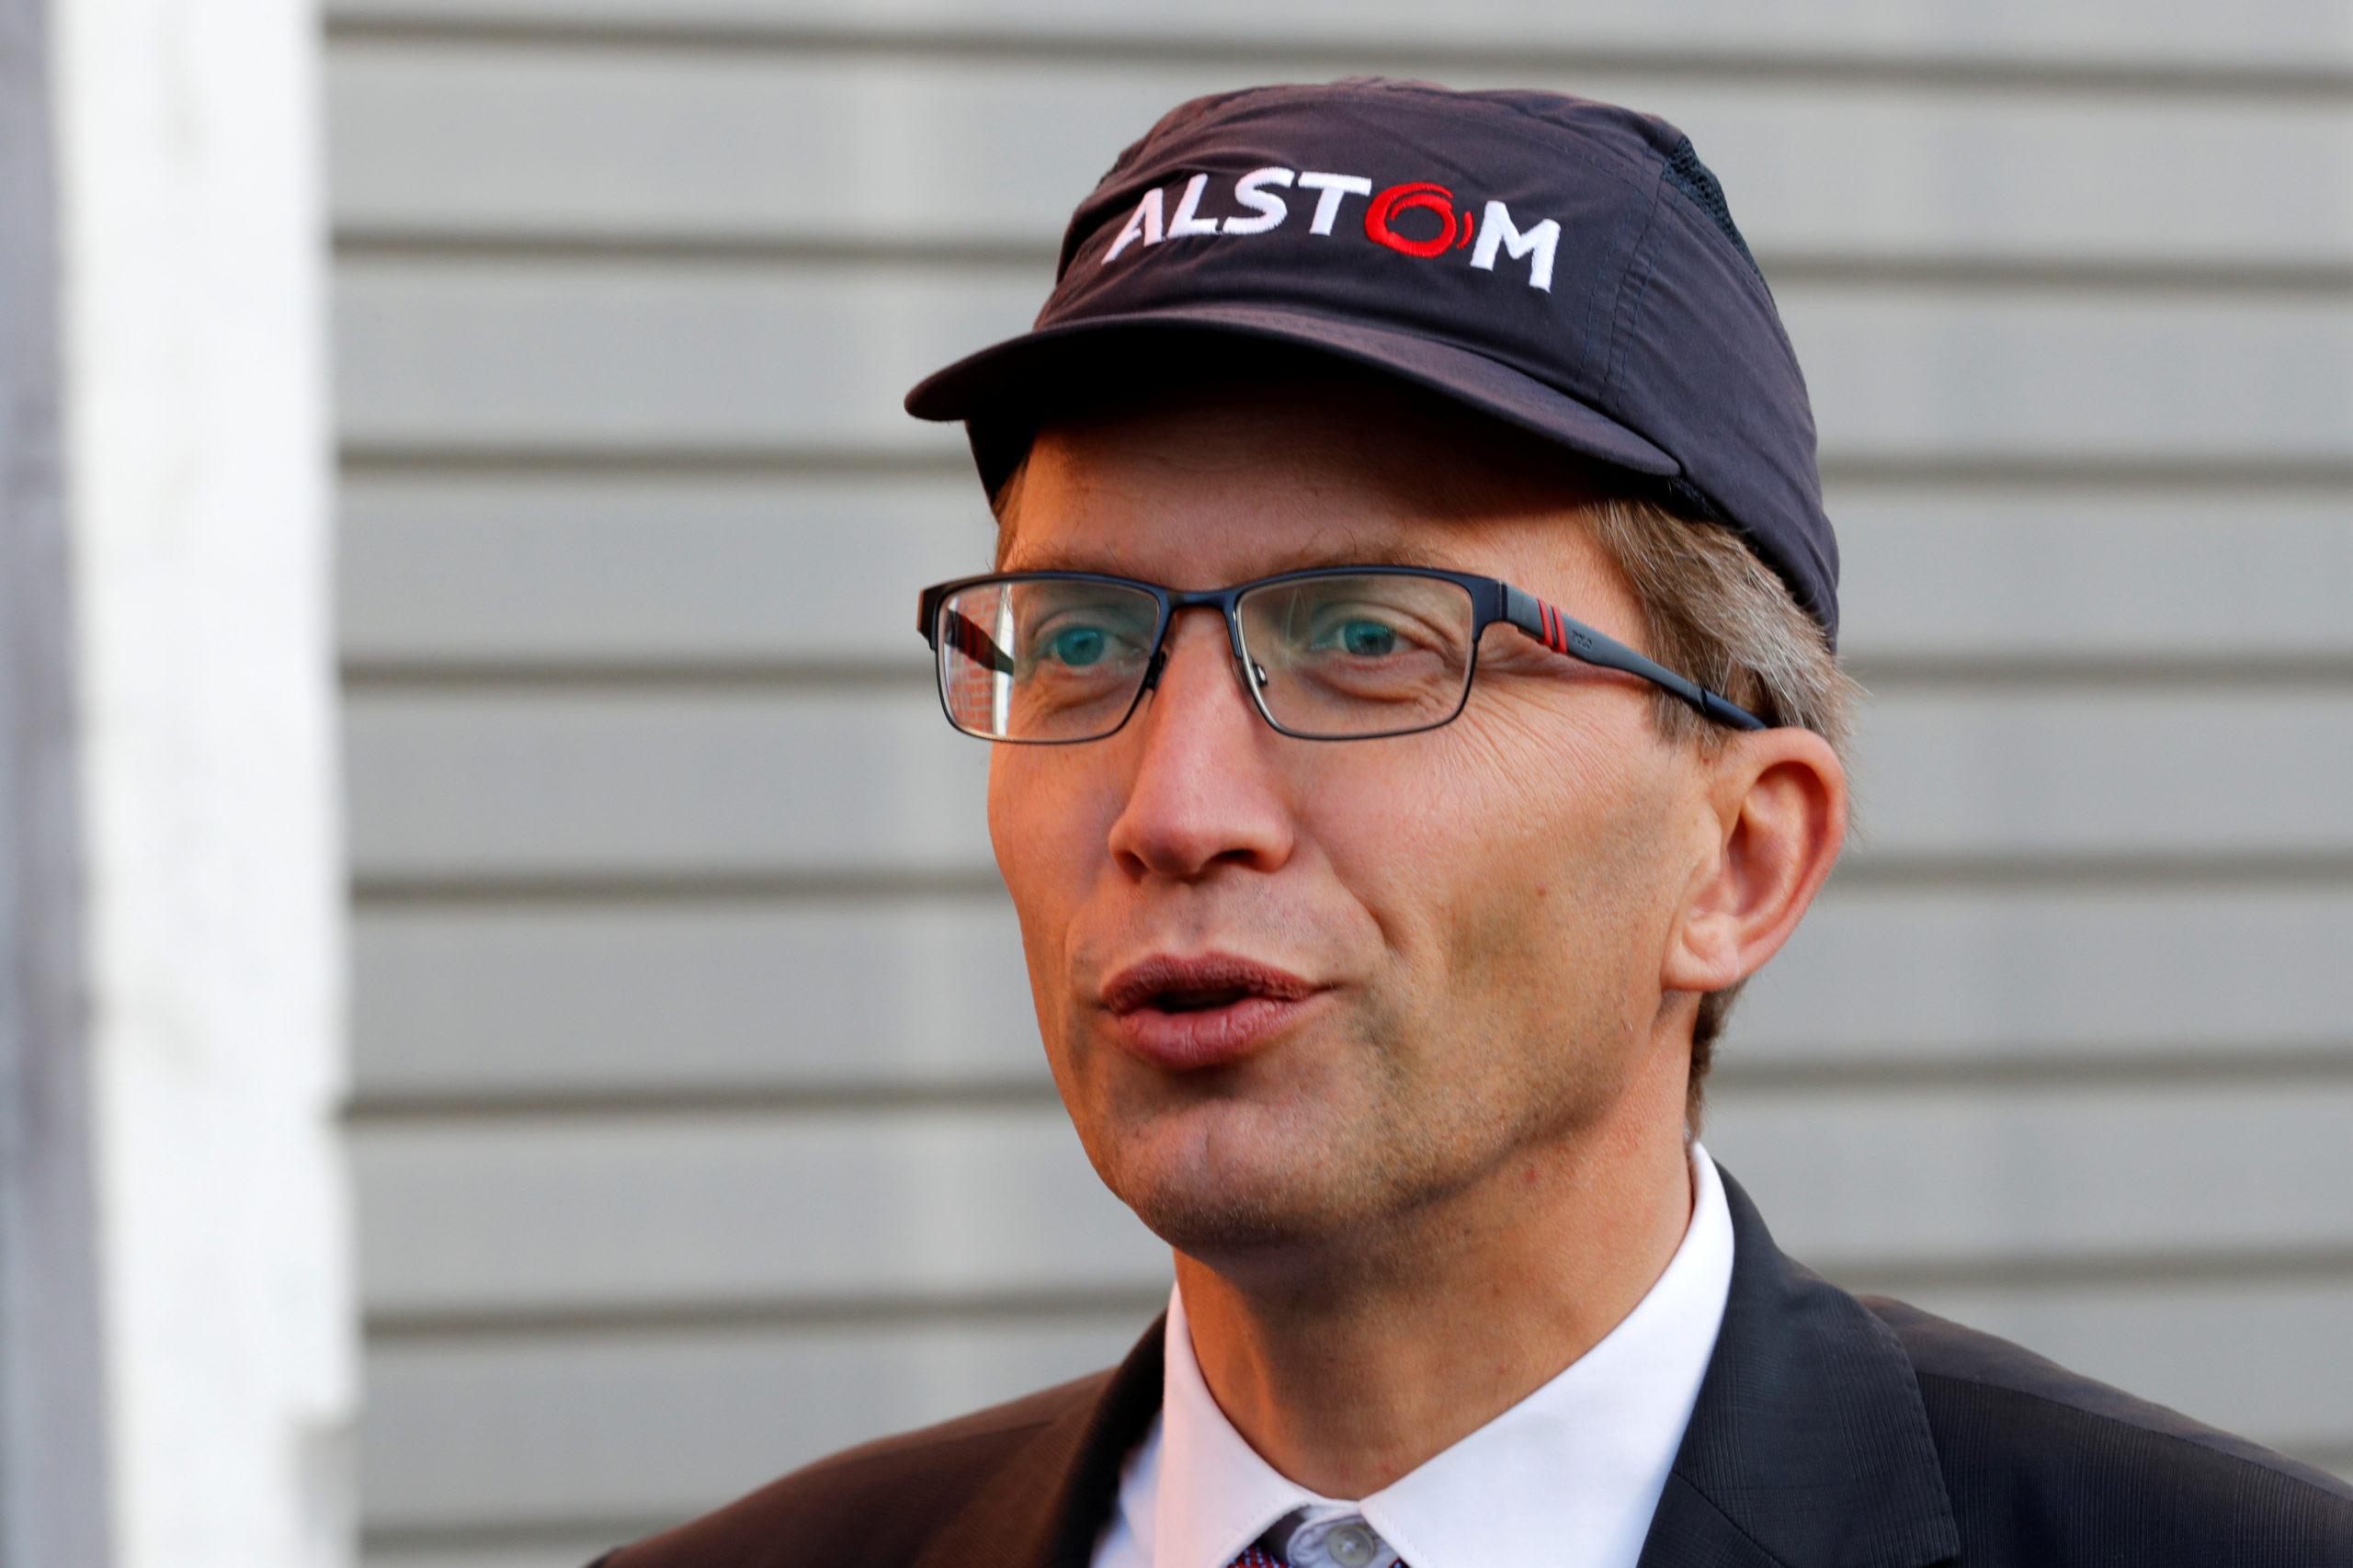 """Pas de """"casse"""" sociale après le rapprochement avec Bombardier, selon le PDG d'Alstom"""